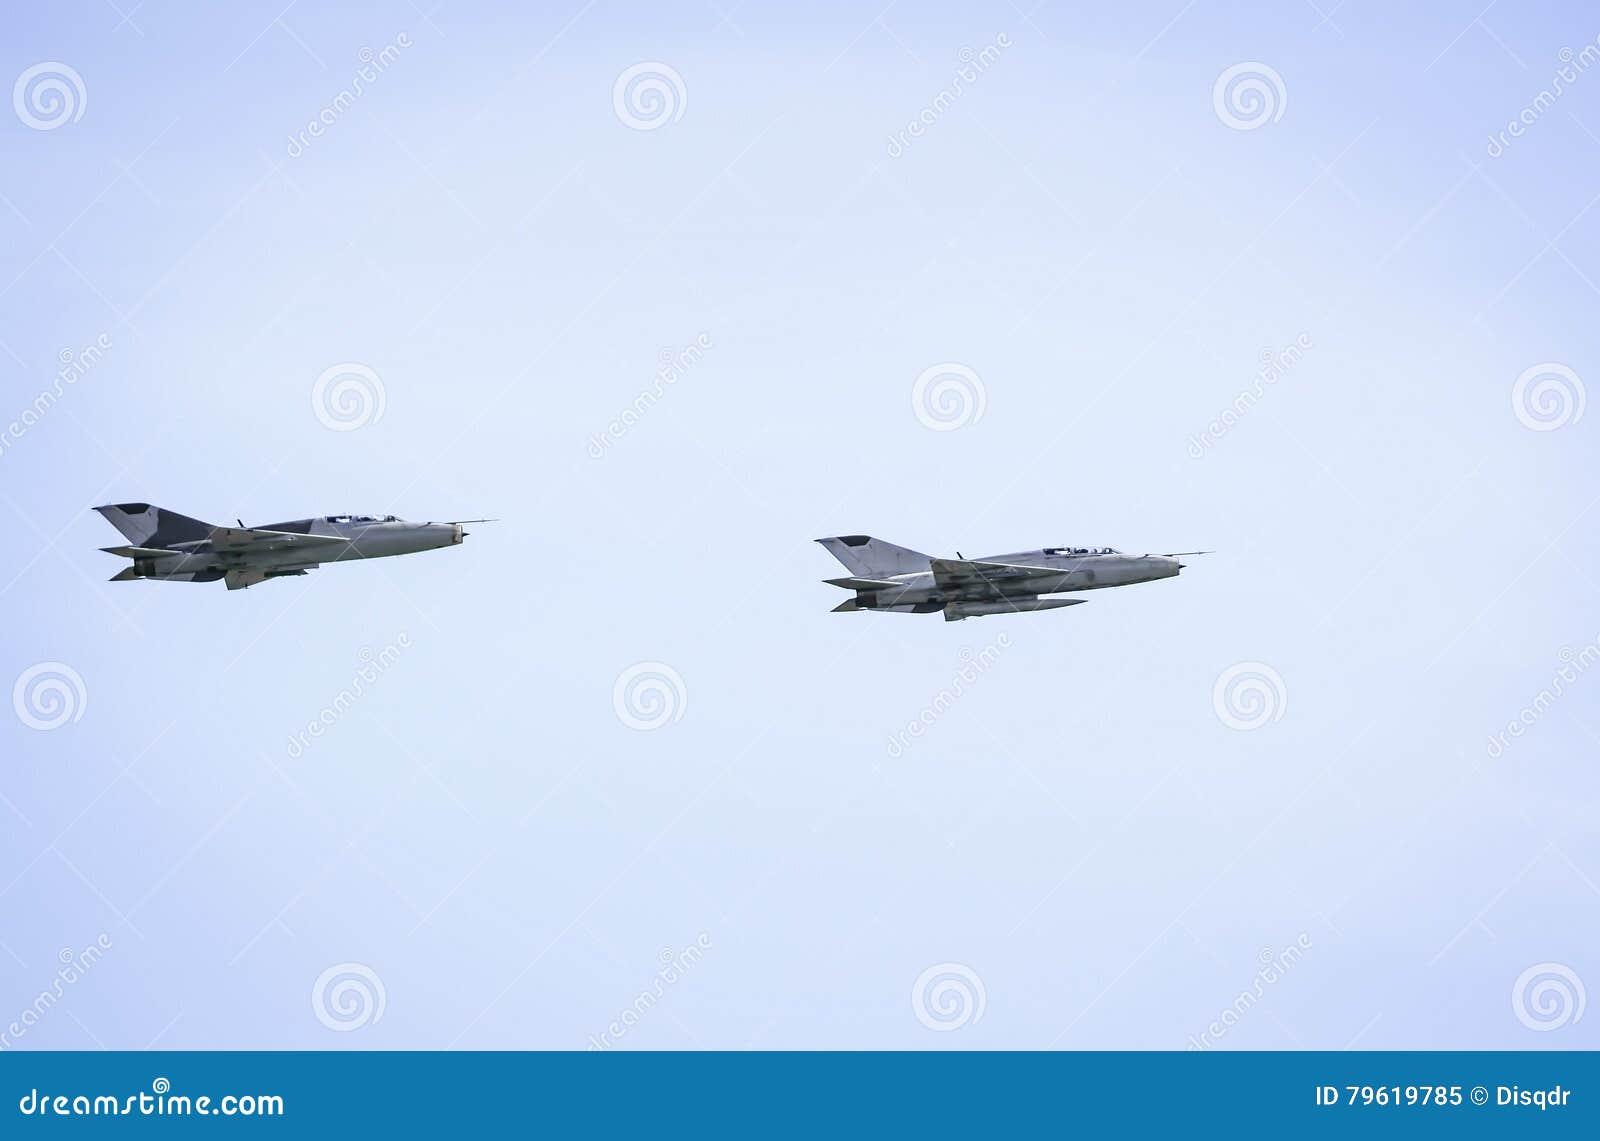 Il militare scaturisce mig-21 sul fondo del cielo blu